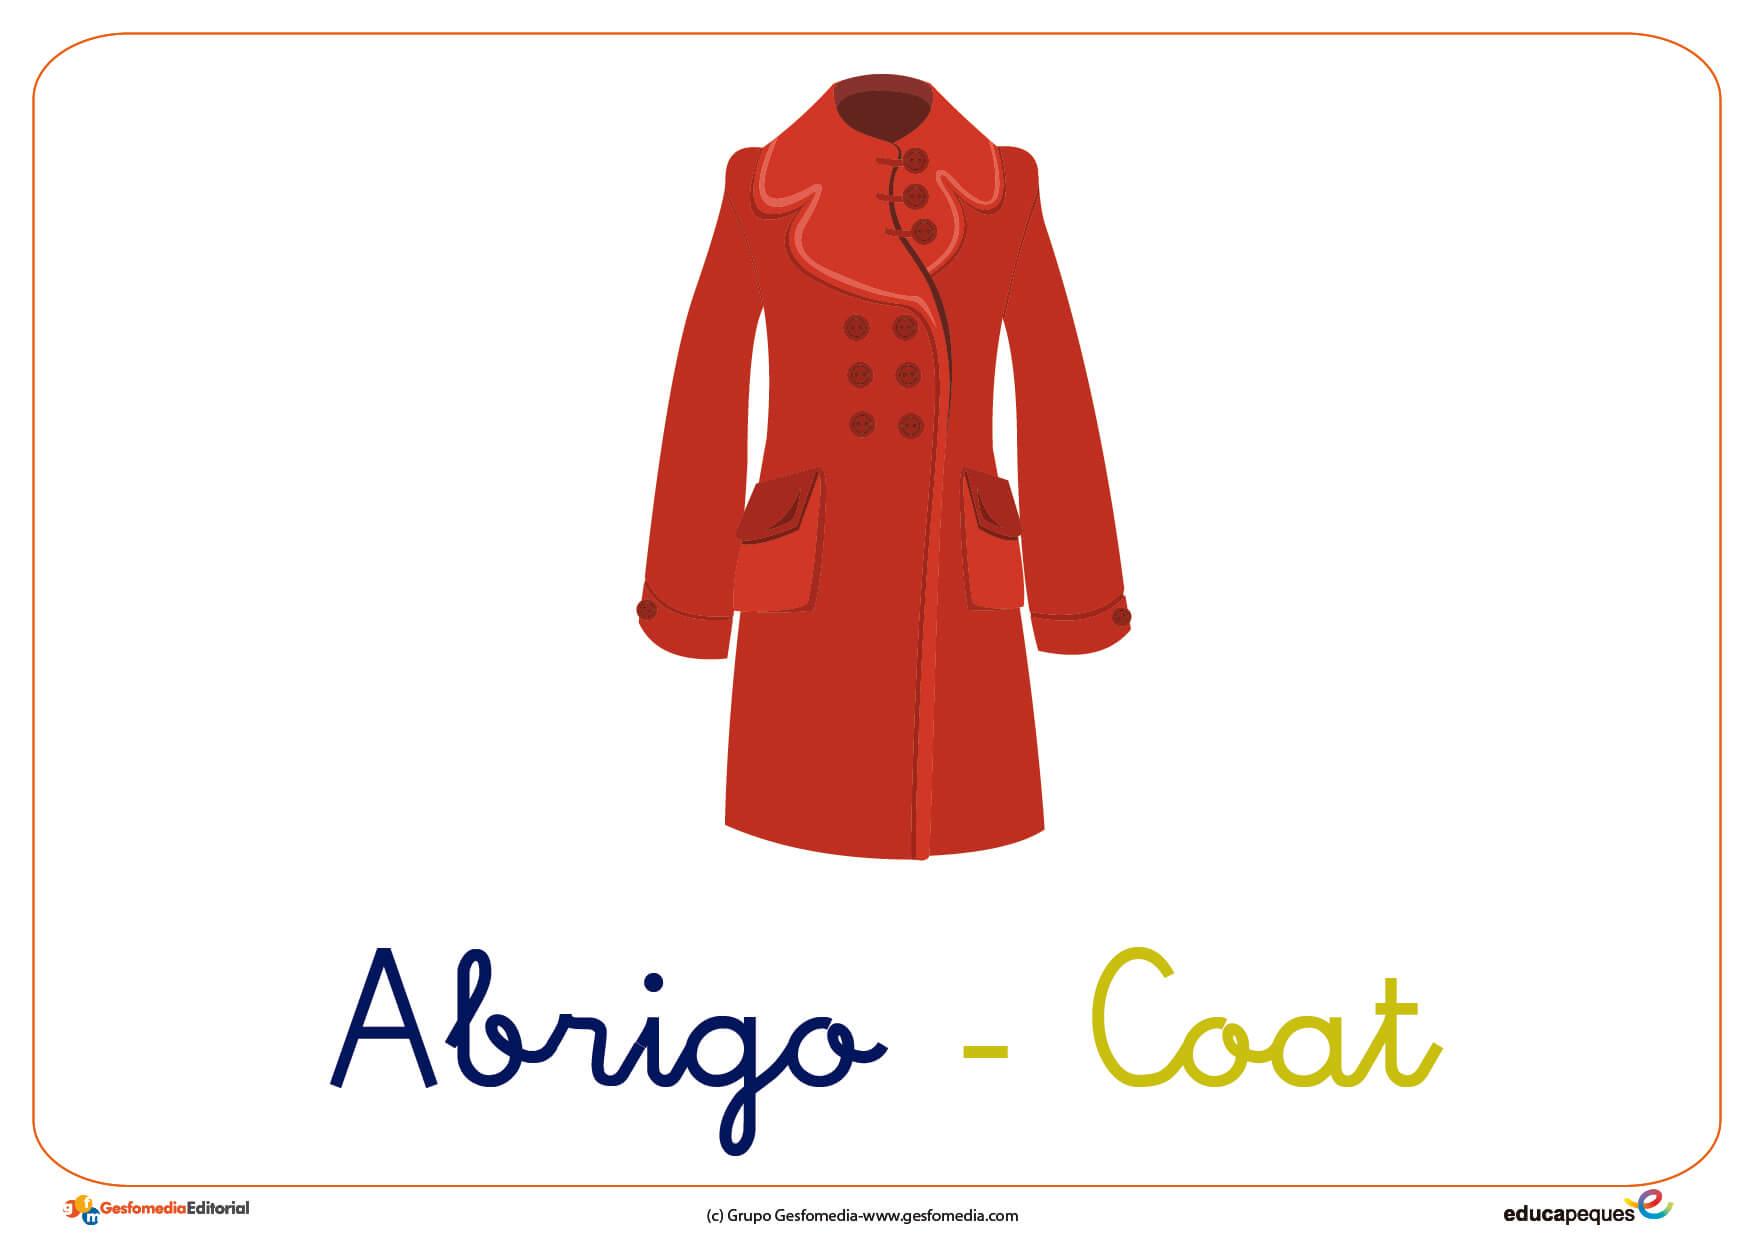 Una prenda de abrigo en ingles